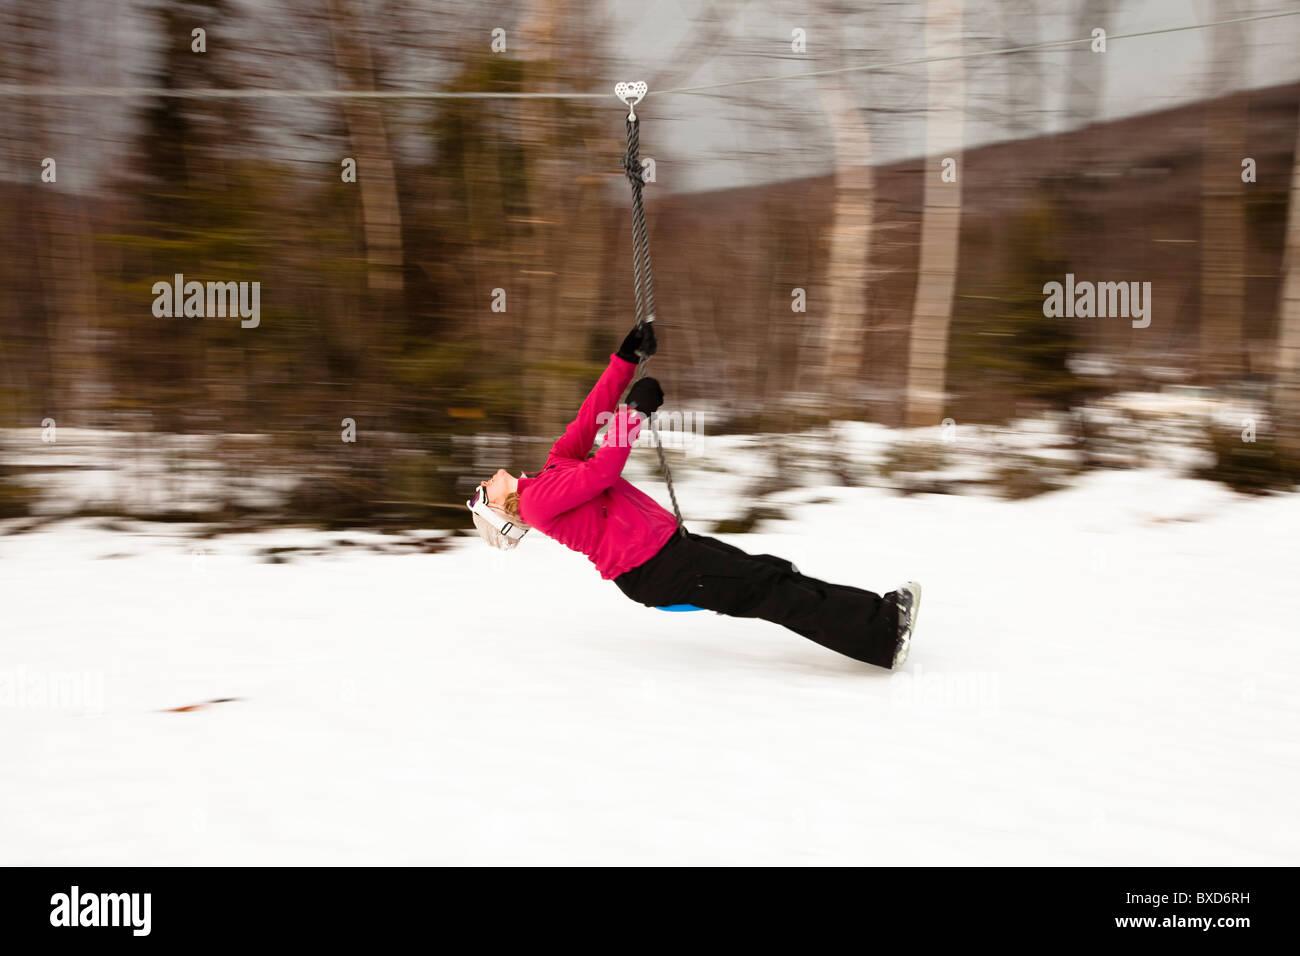 Eine Frau spielt auf eine Seilrutsche in Bretton Woods, New Hampshire. Bewegungsunschärfe. Stockbild